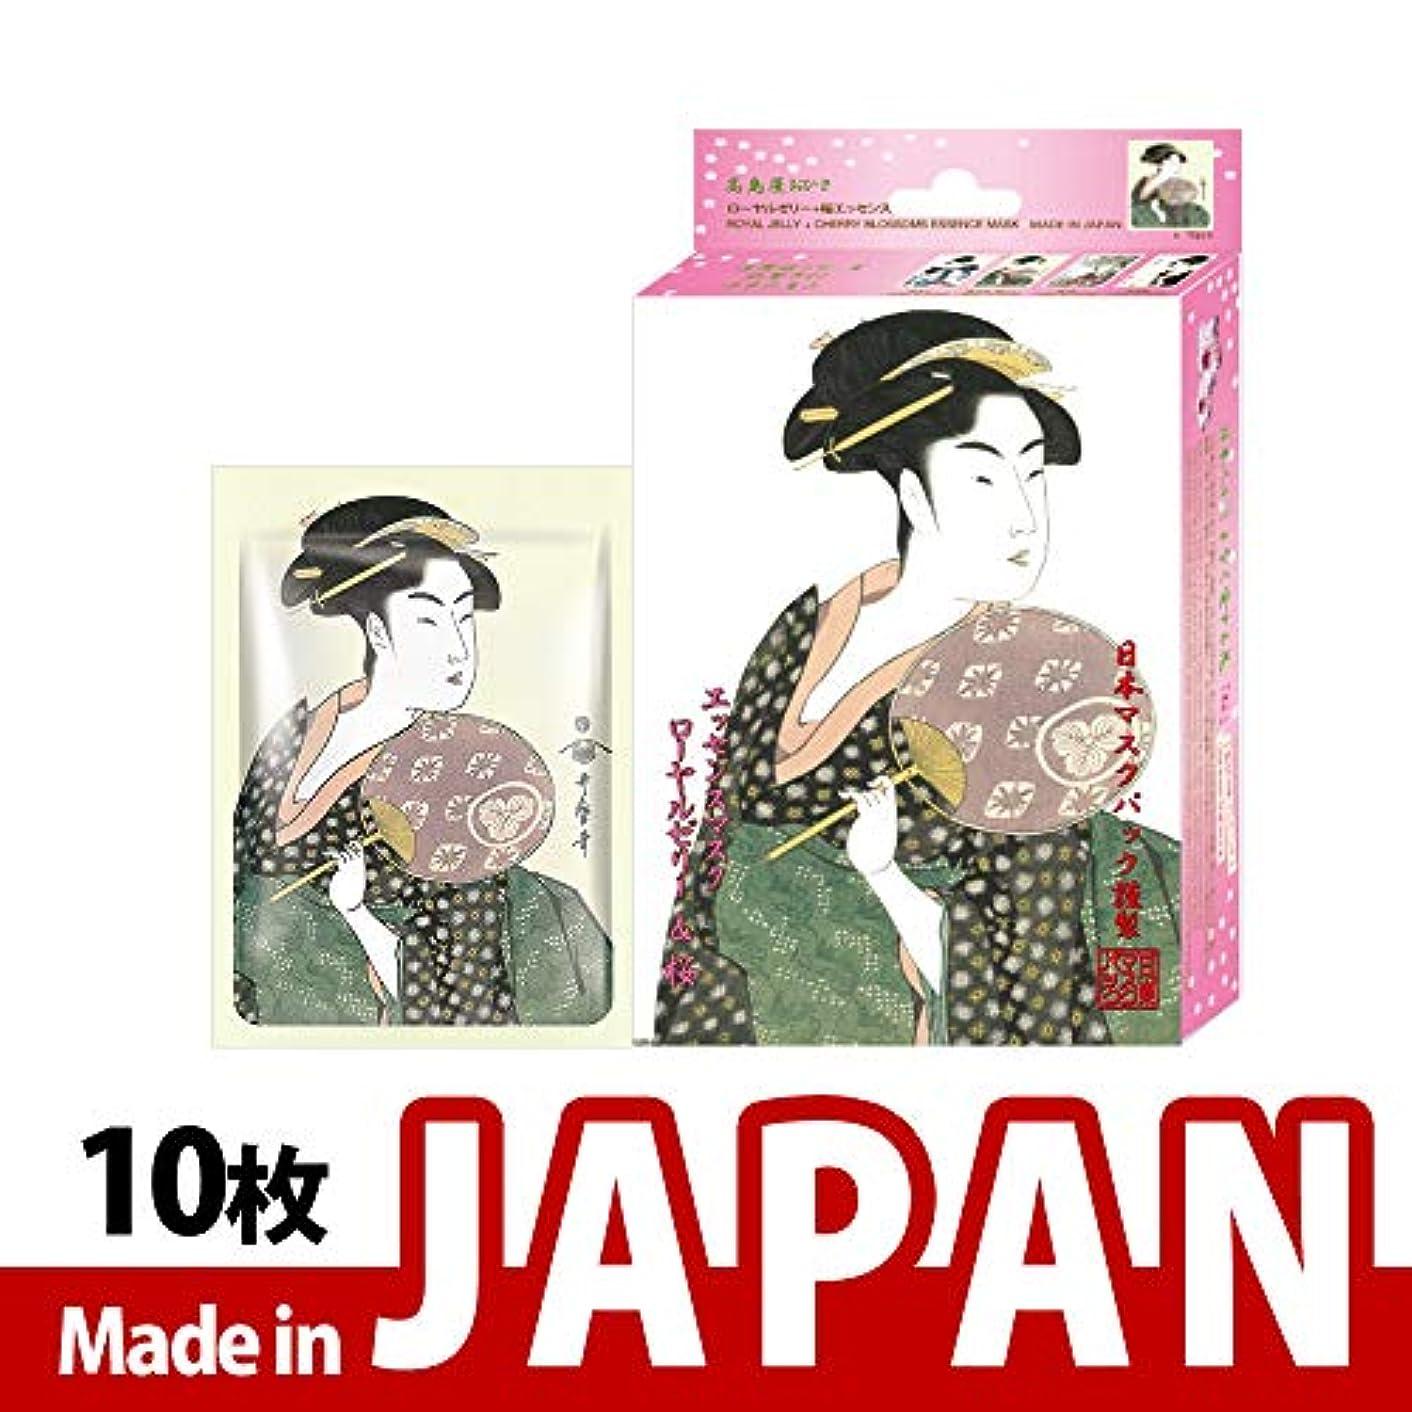 手がかりクリップカラスMITOMO【JP004-A-1】日本製ローヤルゼリー+桜 肌汚れ対策 シートマスク/10枚入り/10枚/美容液/マスクパック/送料無料